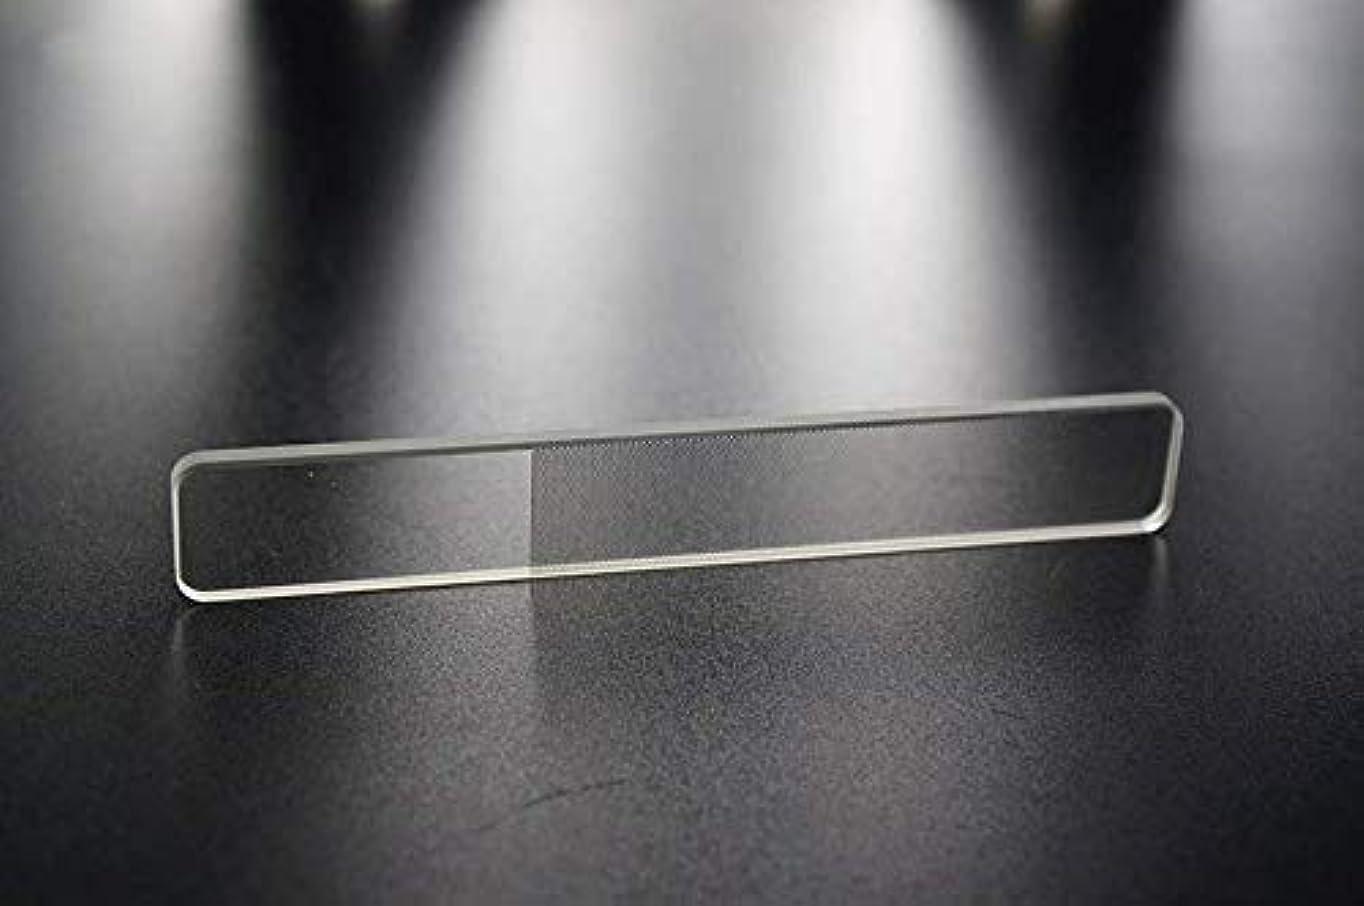 爪やすり 爪磨き ガラス製 ネイルシャイナ つめみがき ネイルケア ナノ技術が生んだ全く新しい つめやすり (爪)